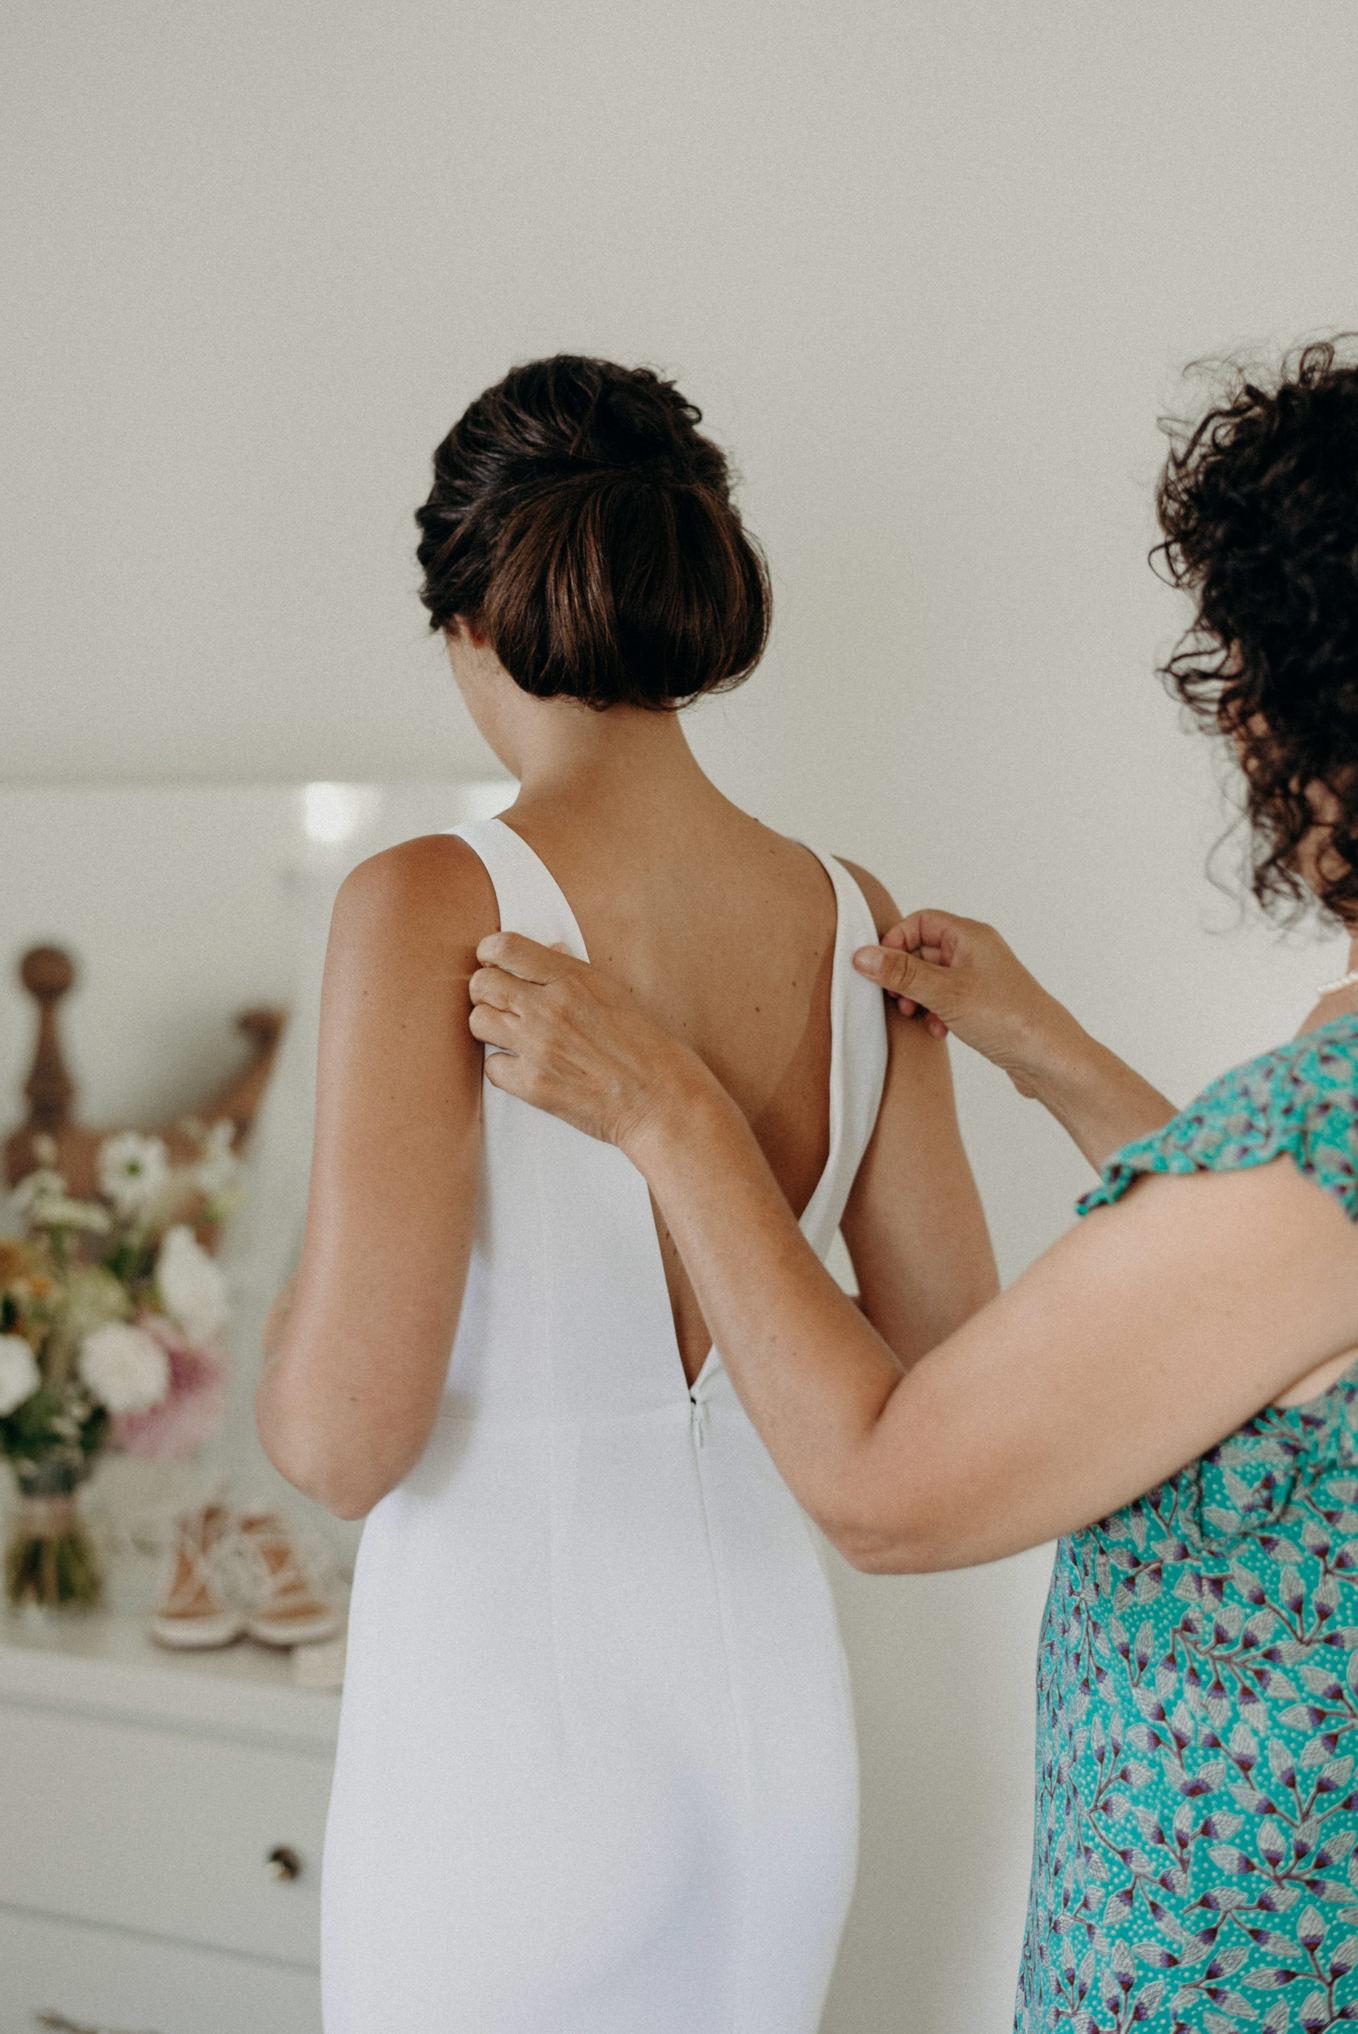 mother of bride helping adjust straps of dress